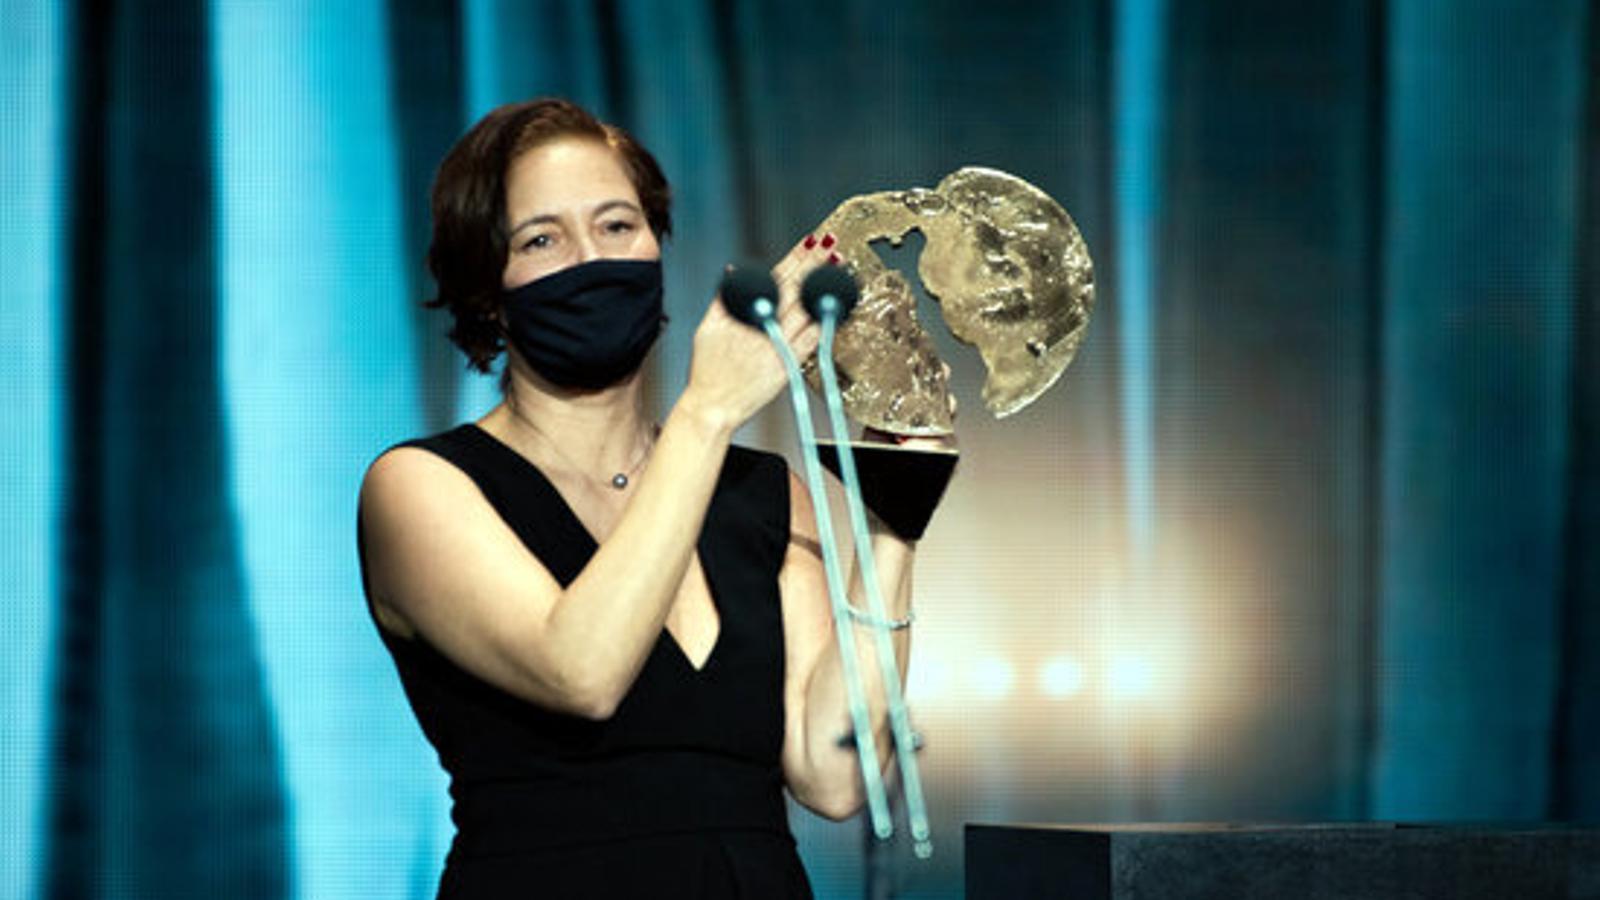 La productora de 'Las Niñas', Valerie Delpierre, recollint el premi a la millor pel·lícula